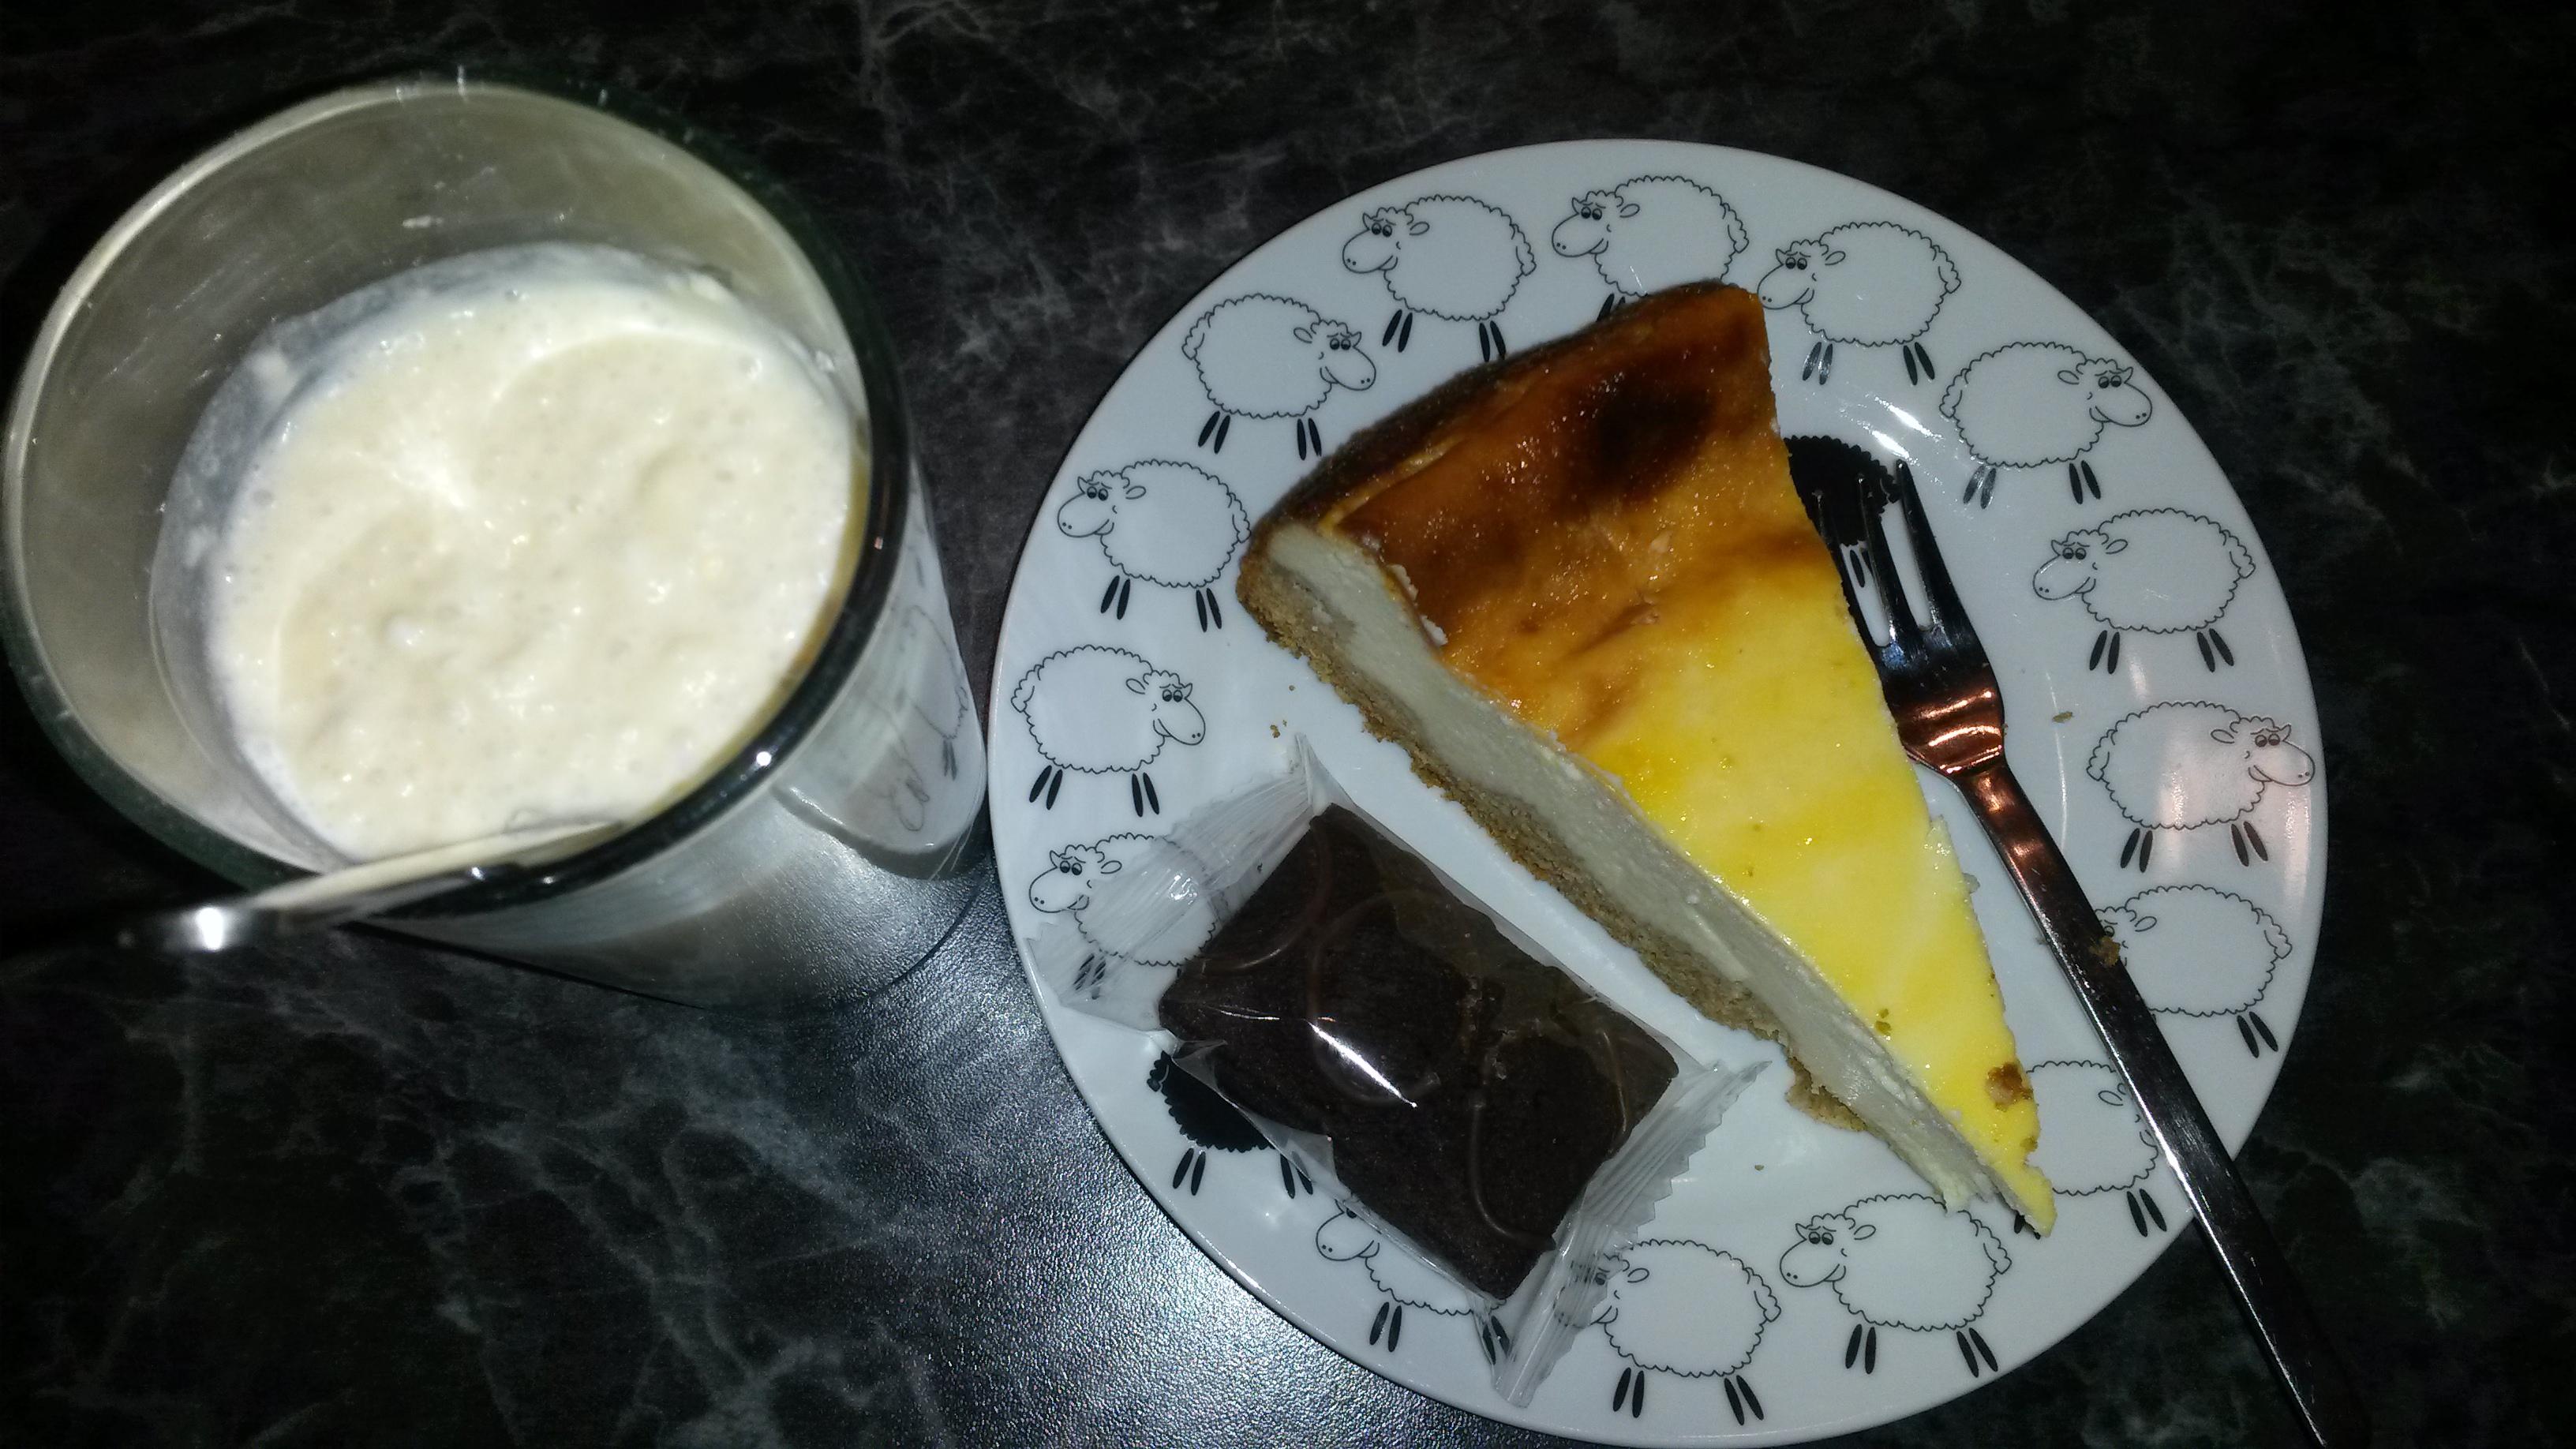 https://foodloader.net/sk0r_2014-04-12_Proteinshake_Kaesekuchen_Brownie.jpg